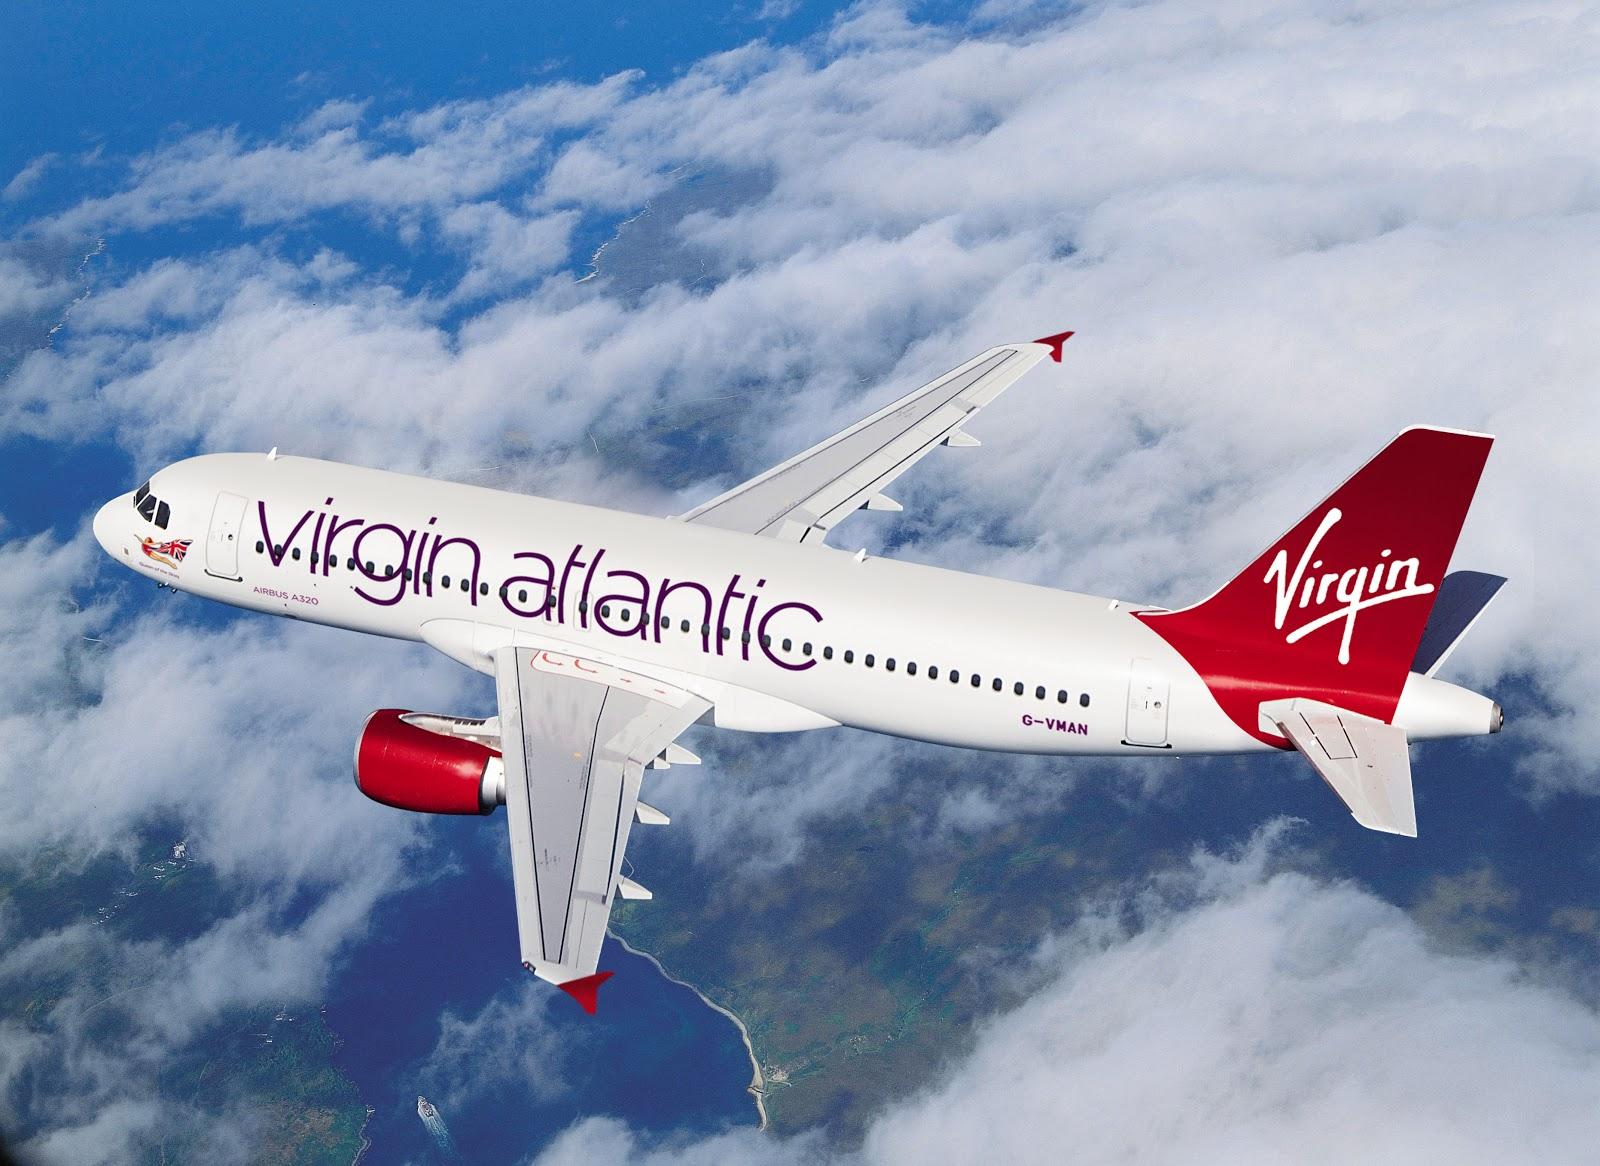 Irish Aviation Research Institute Virgin Atlantic